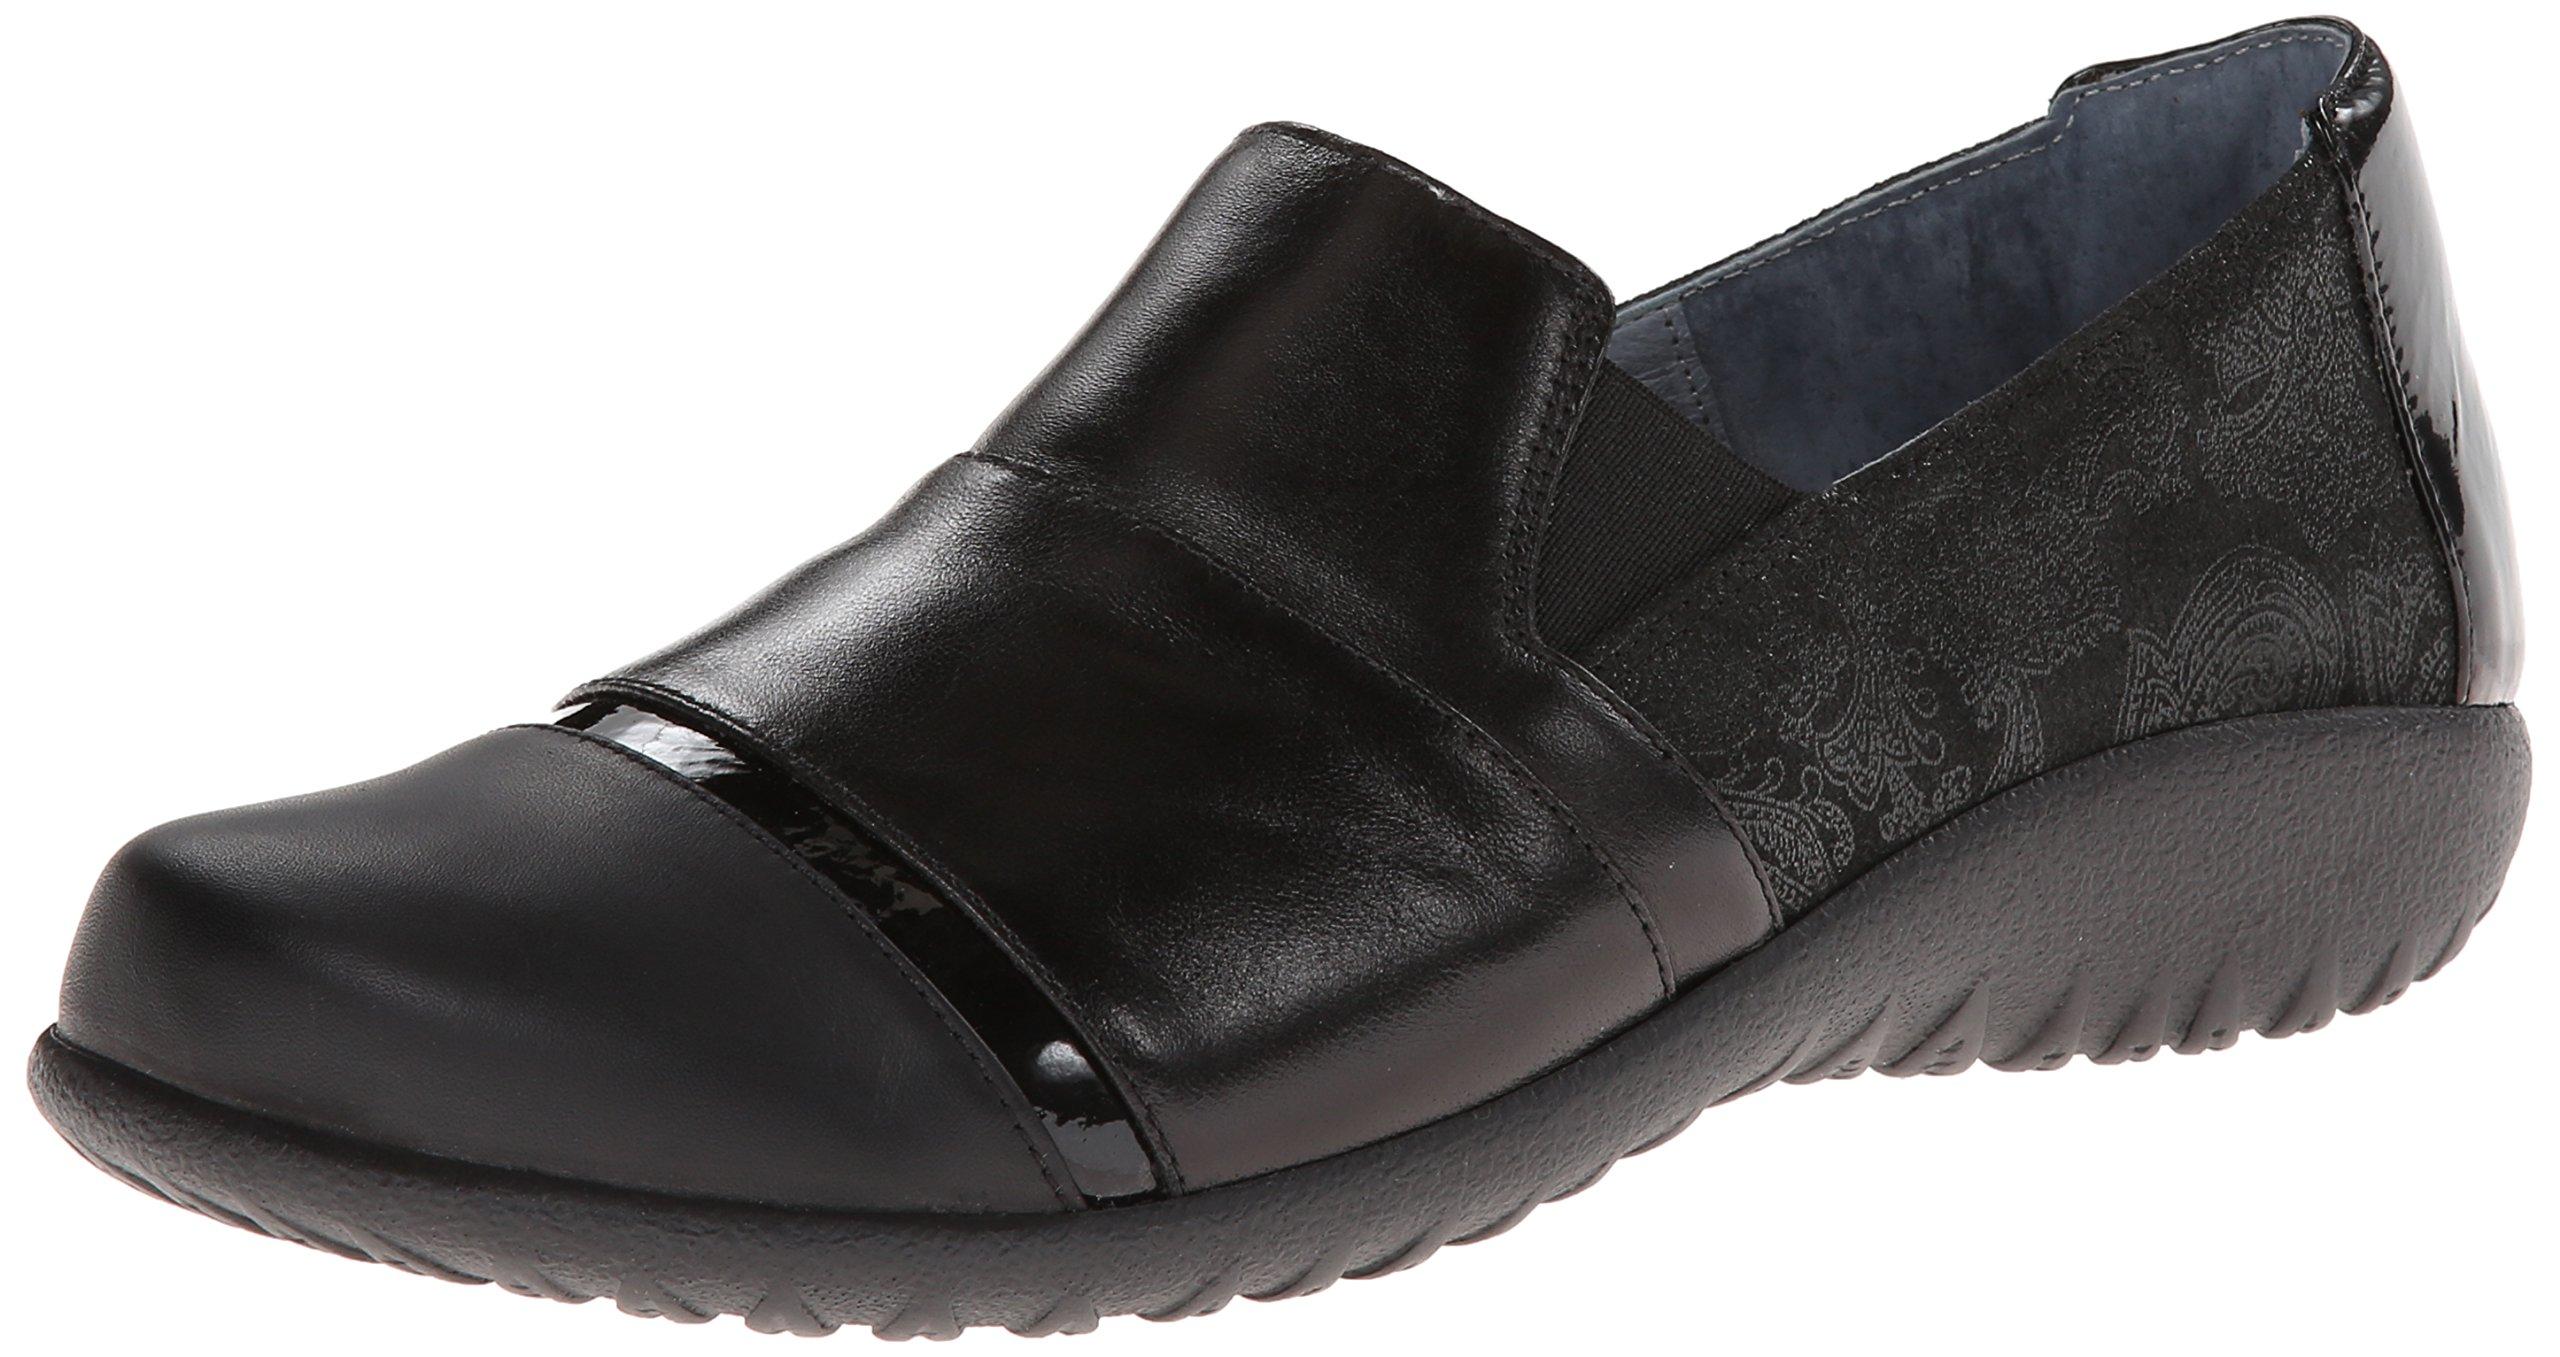 Naot Women's Miro Flat, Black Lace Leather/Black Leather/Black Patent Leather, 41 EU/9.5-10 M US